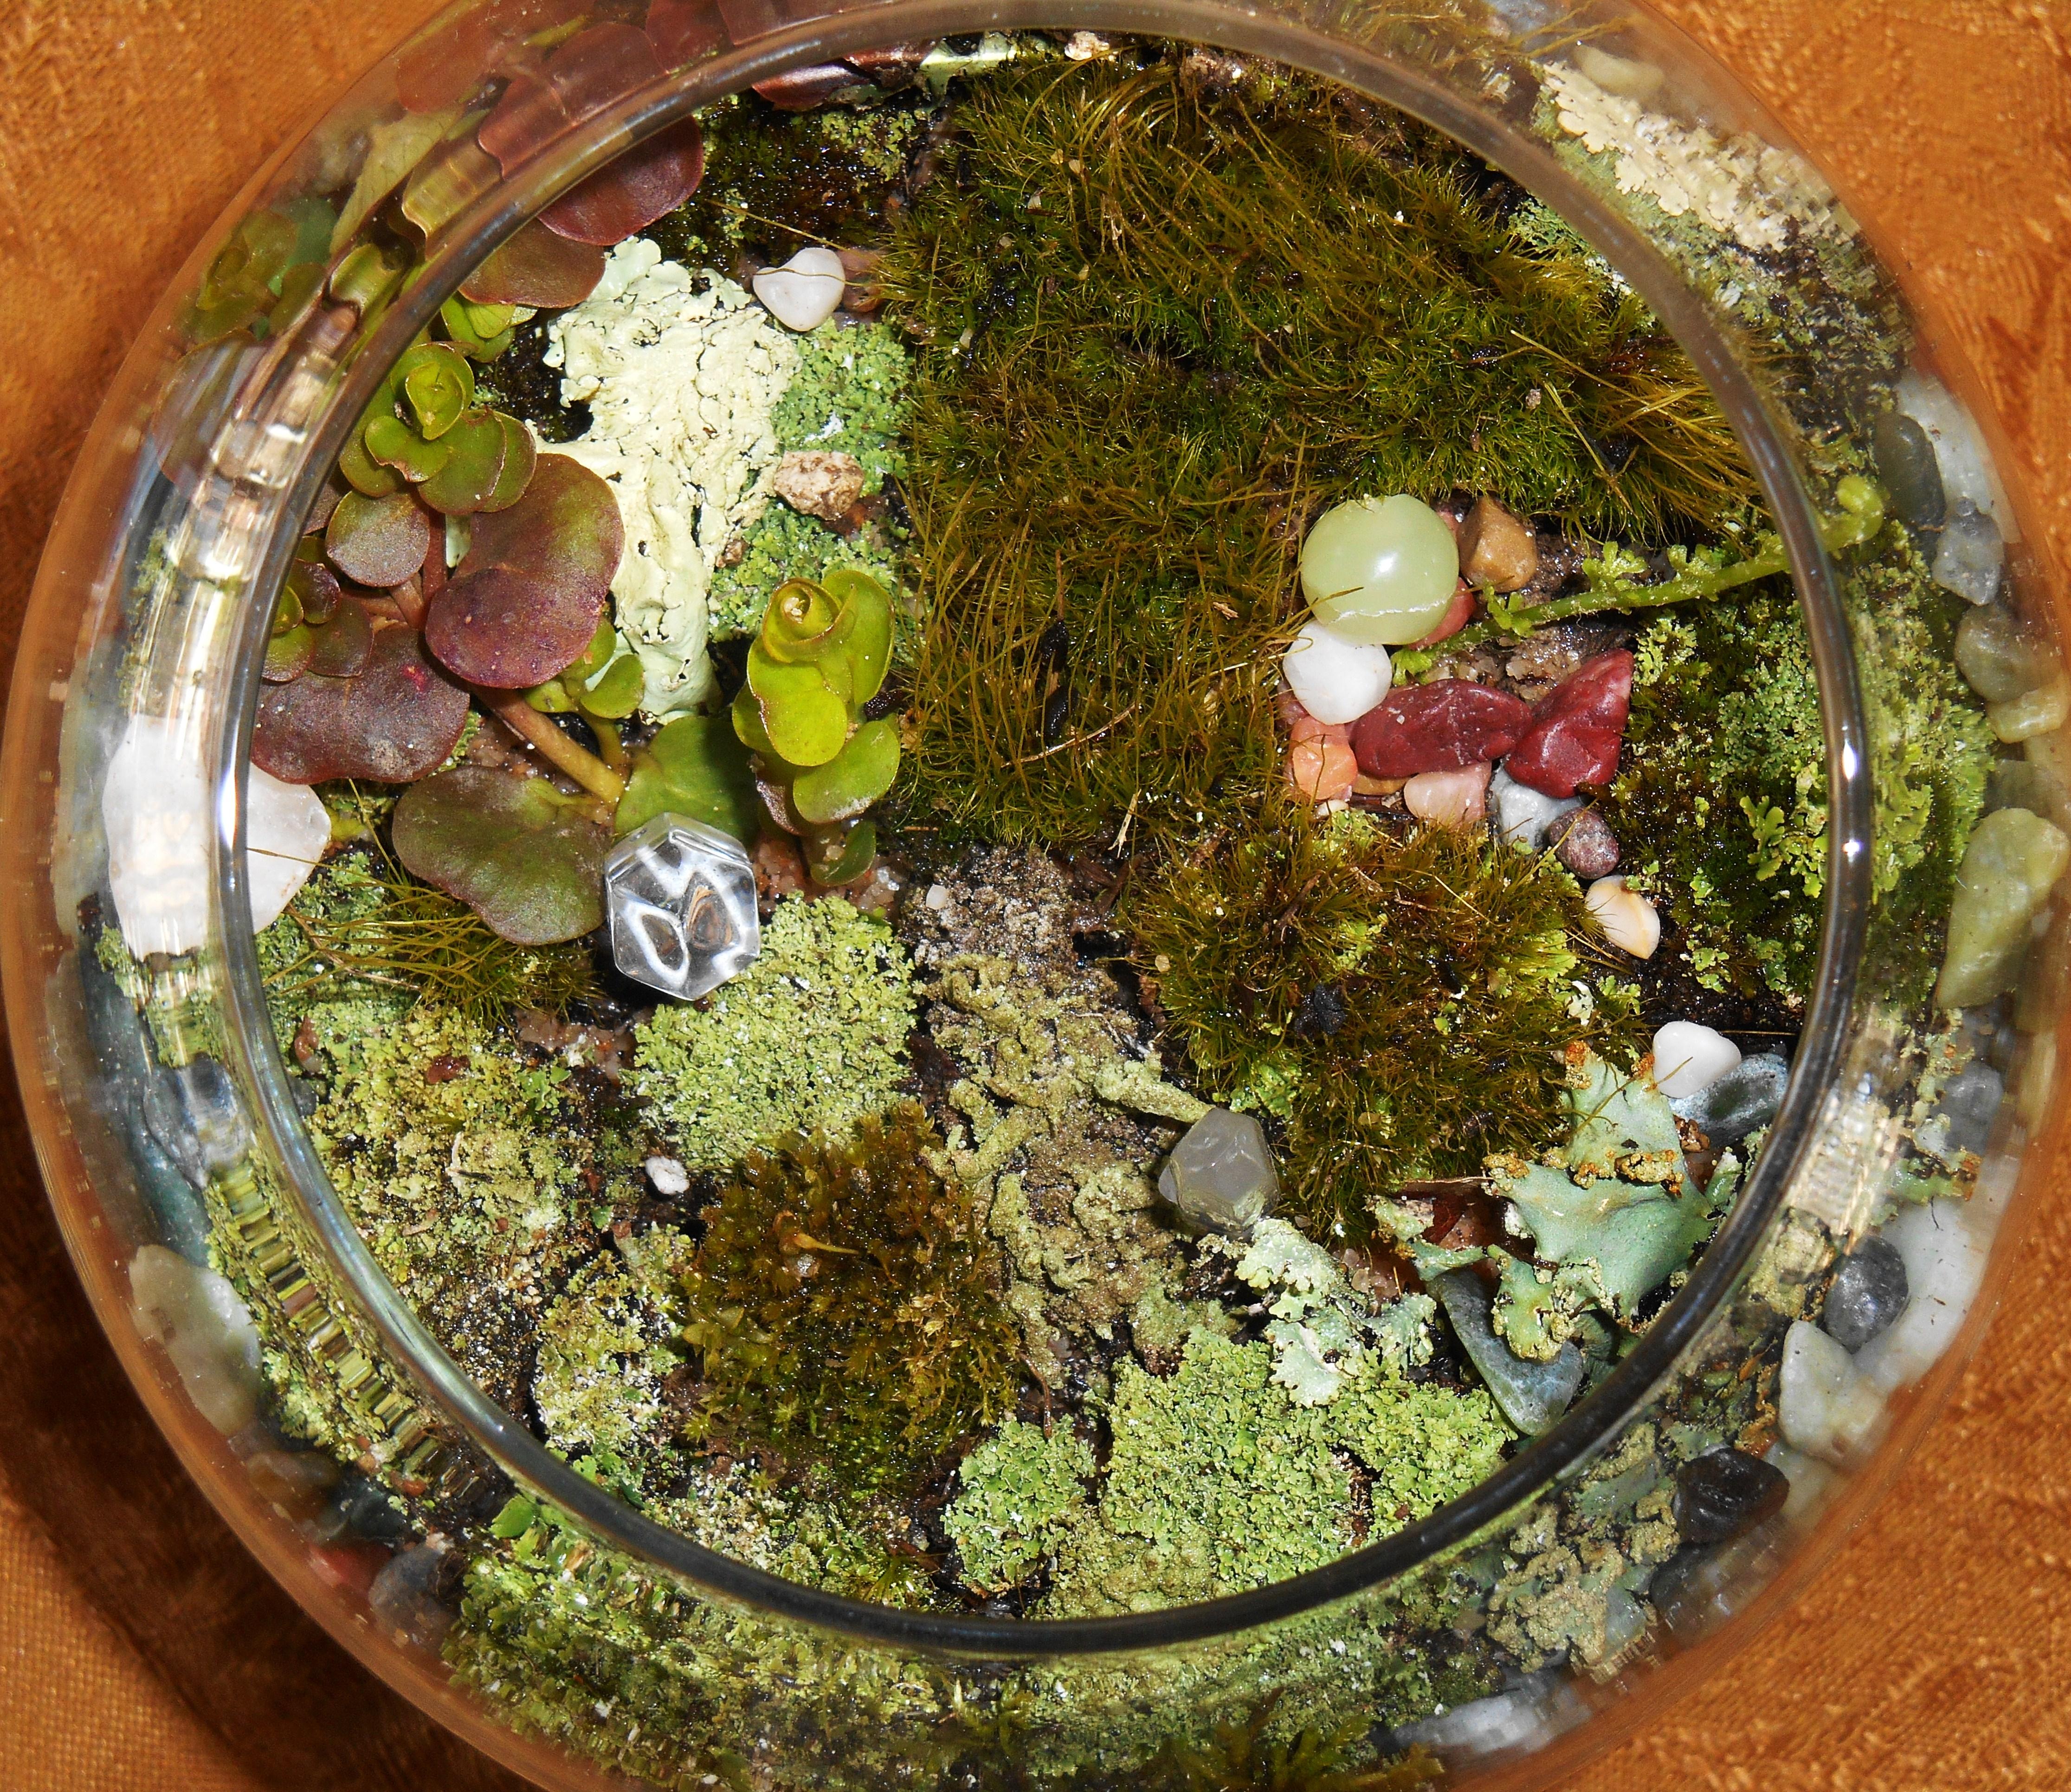 March 21, 2015 moss garden 003